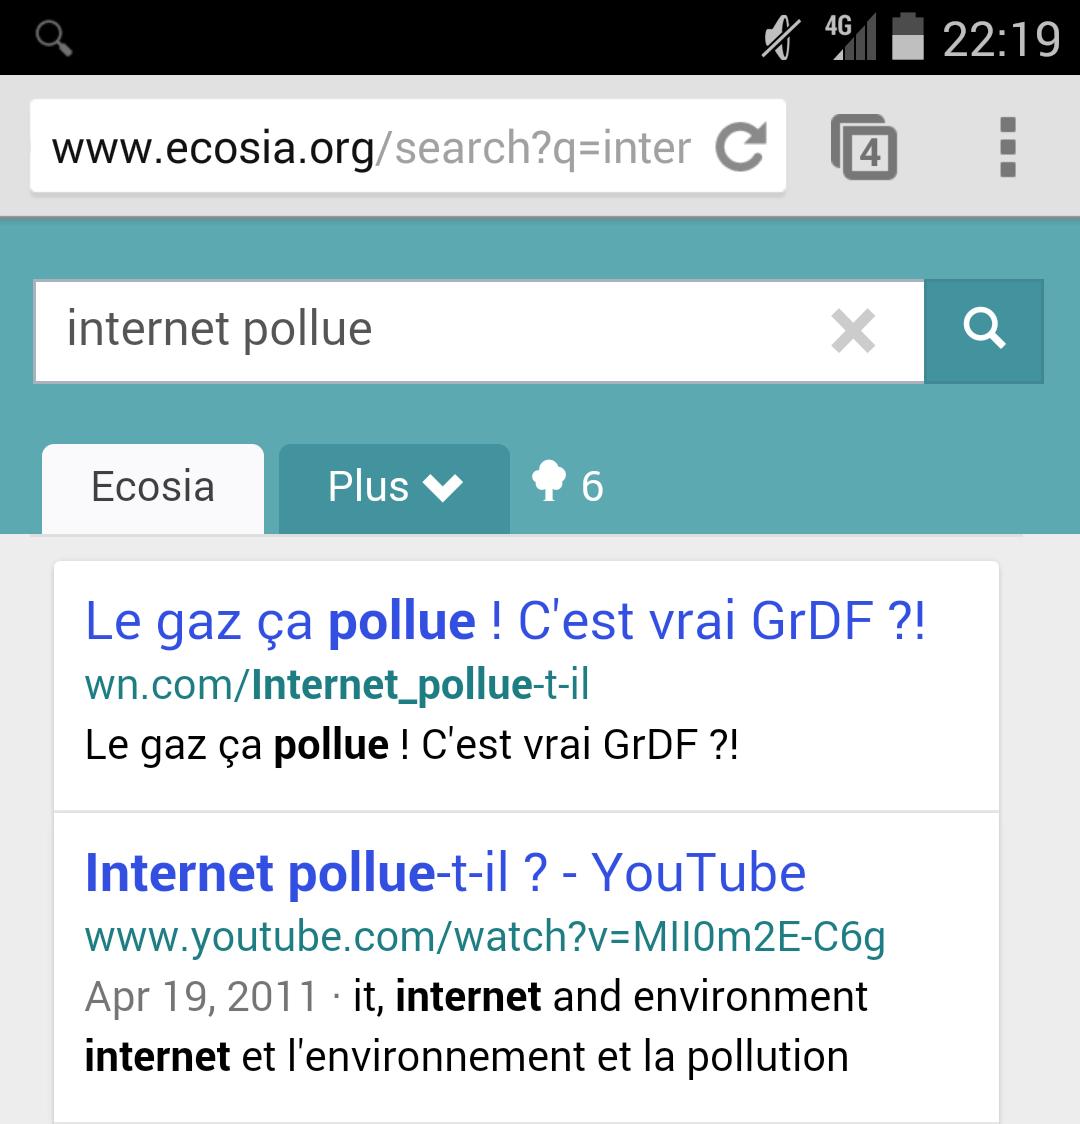 Rechercher pourquoi internet pollue, ça pollue